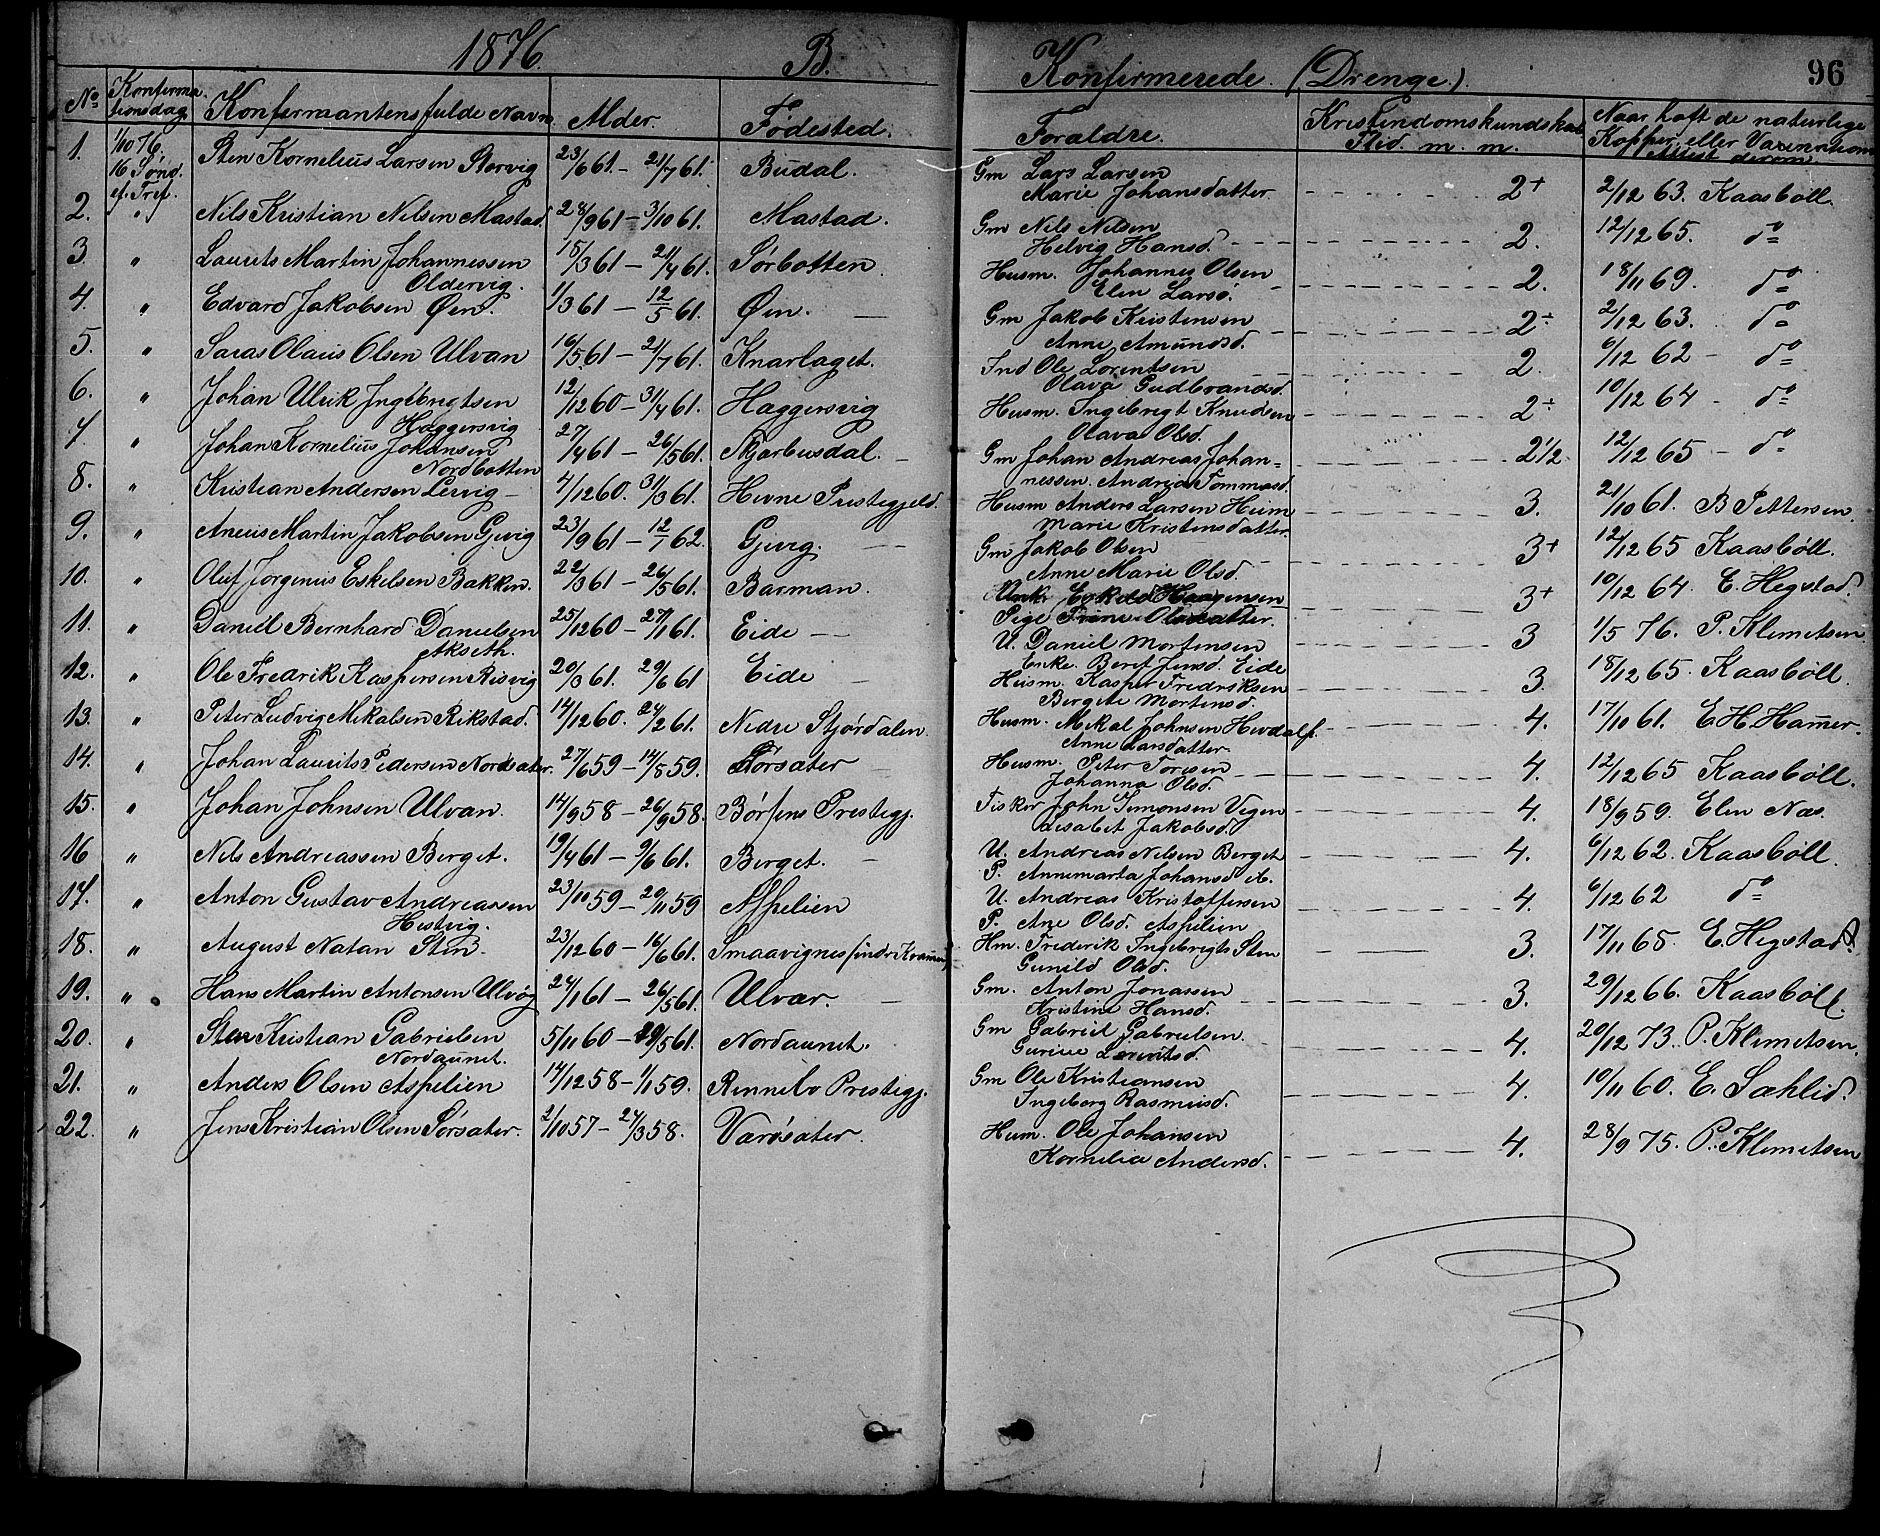 SAT, Ministerialprotokoller, klokkerbøker og fødselsregistre - Sør-Trøndelag, 637/L0561: Klokkerbok nr. 637C02, 1873-1882, s. 96